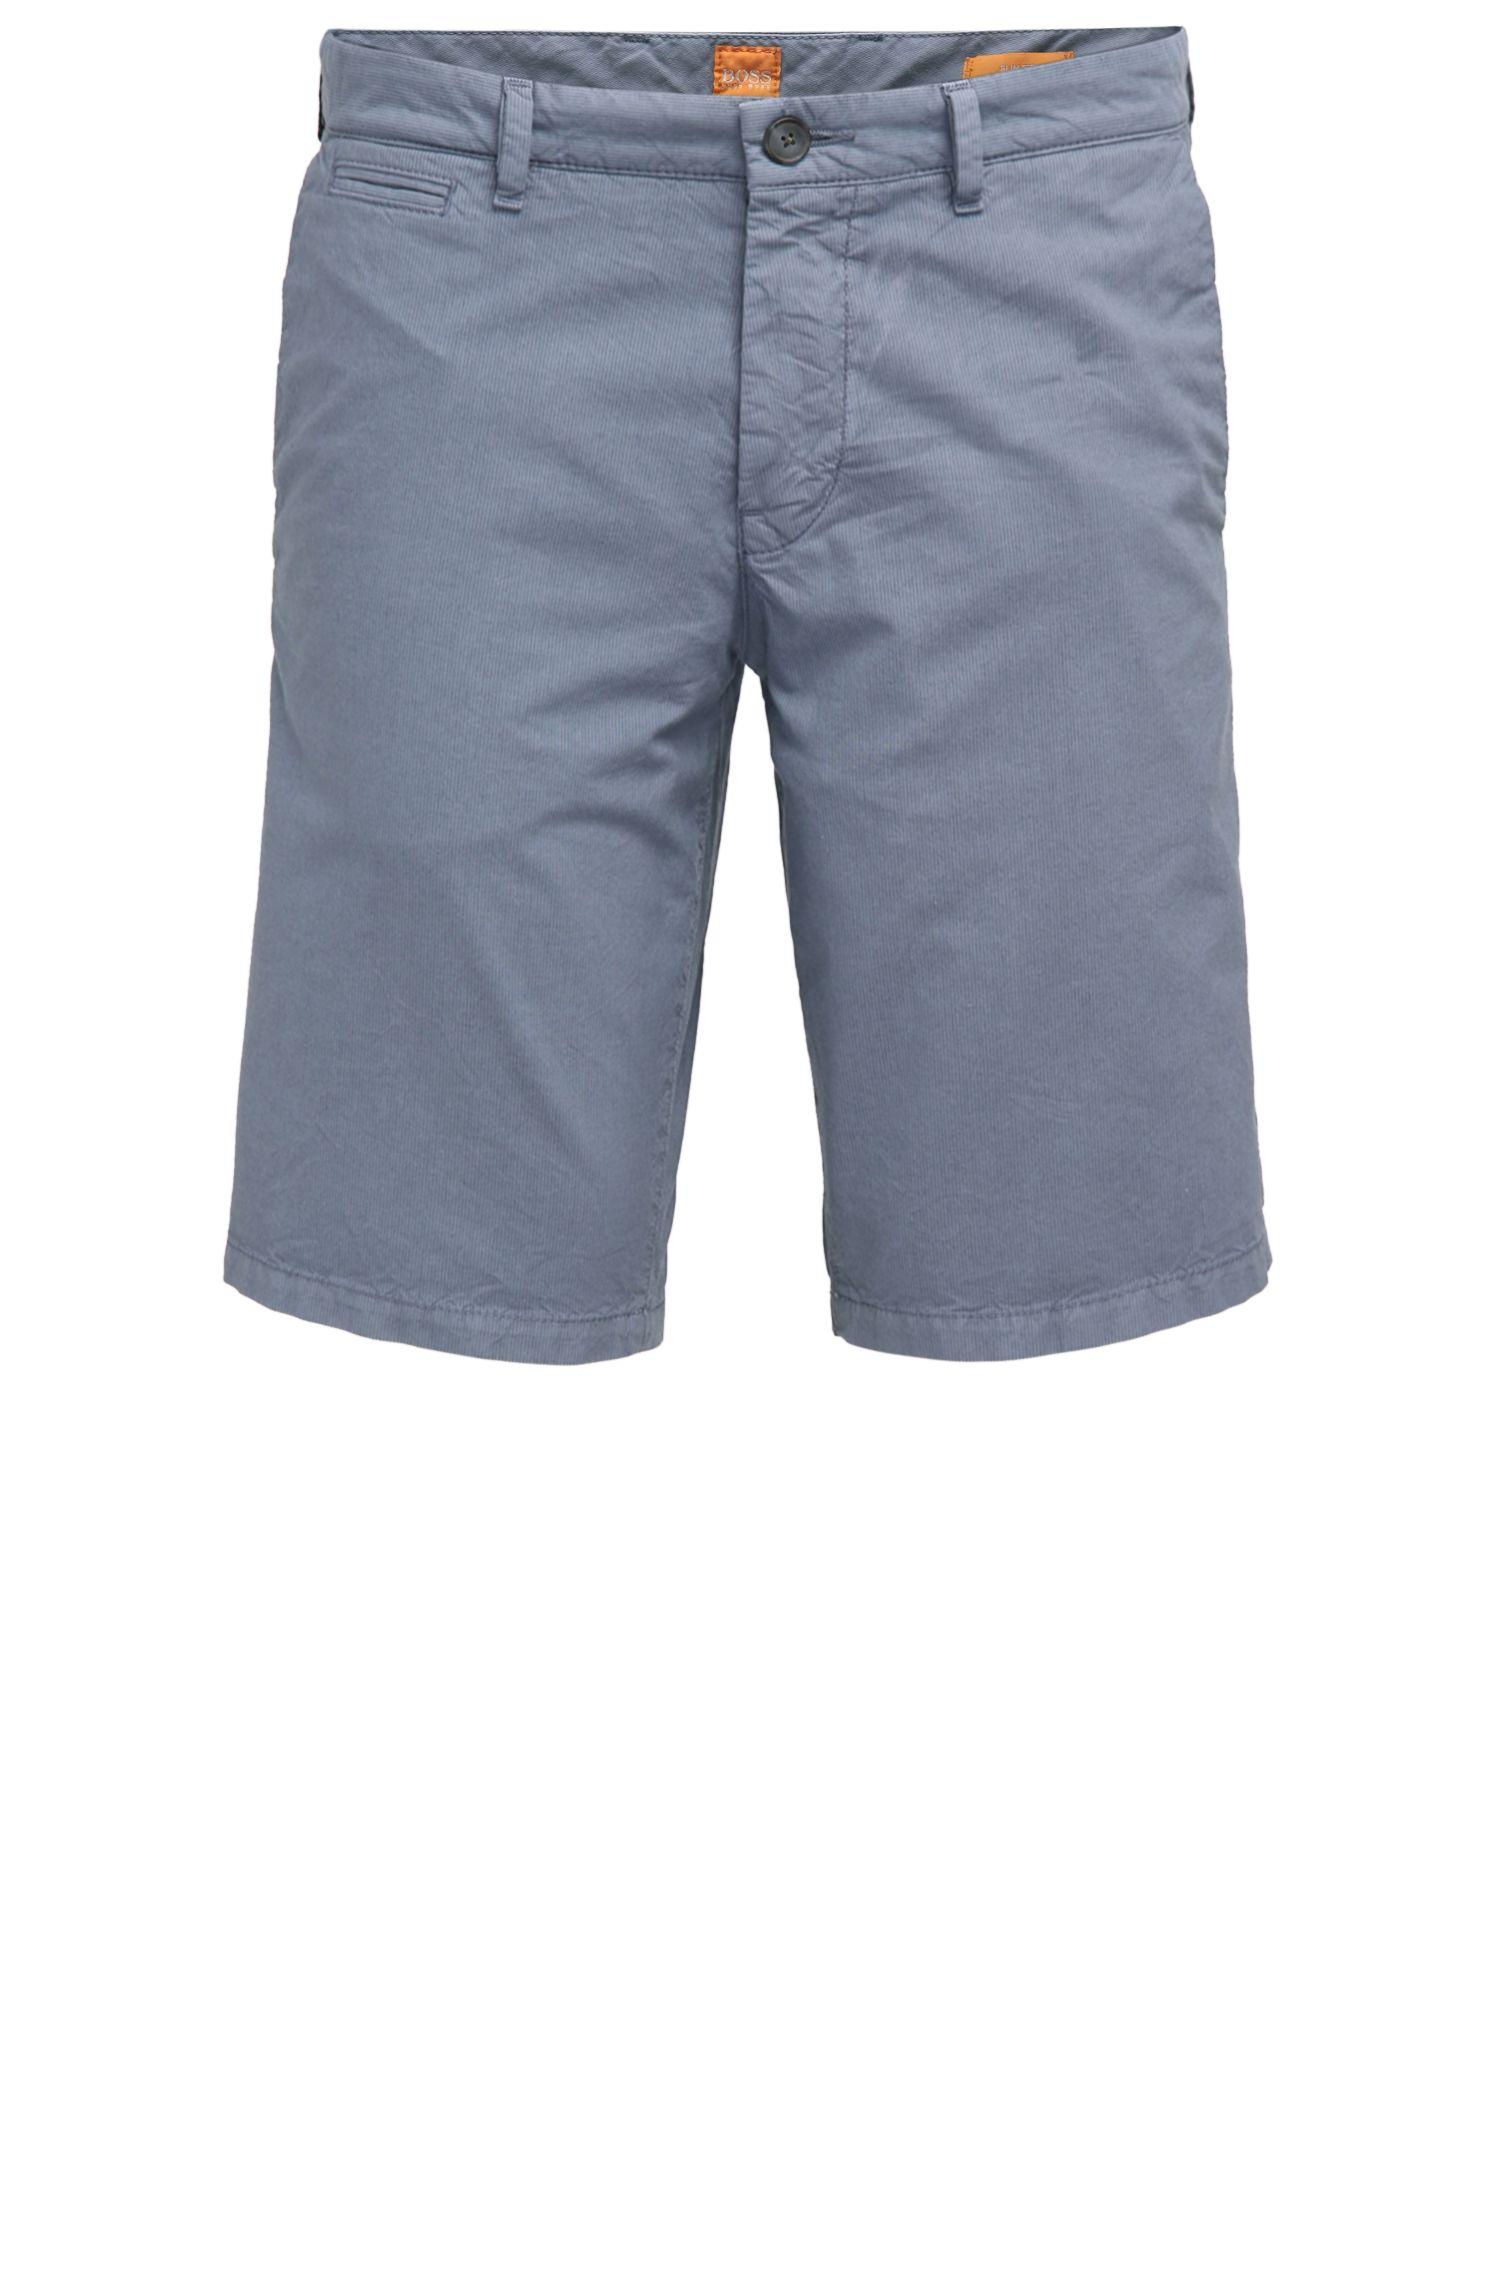 Pantaloncini corti slim fit in cotone con tasche nascoste